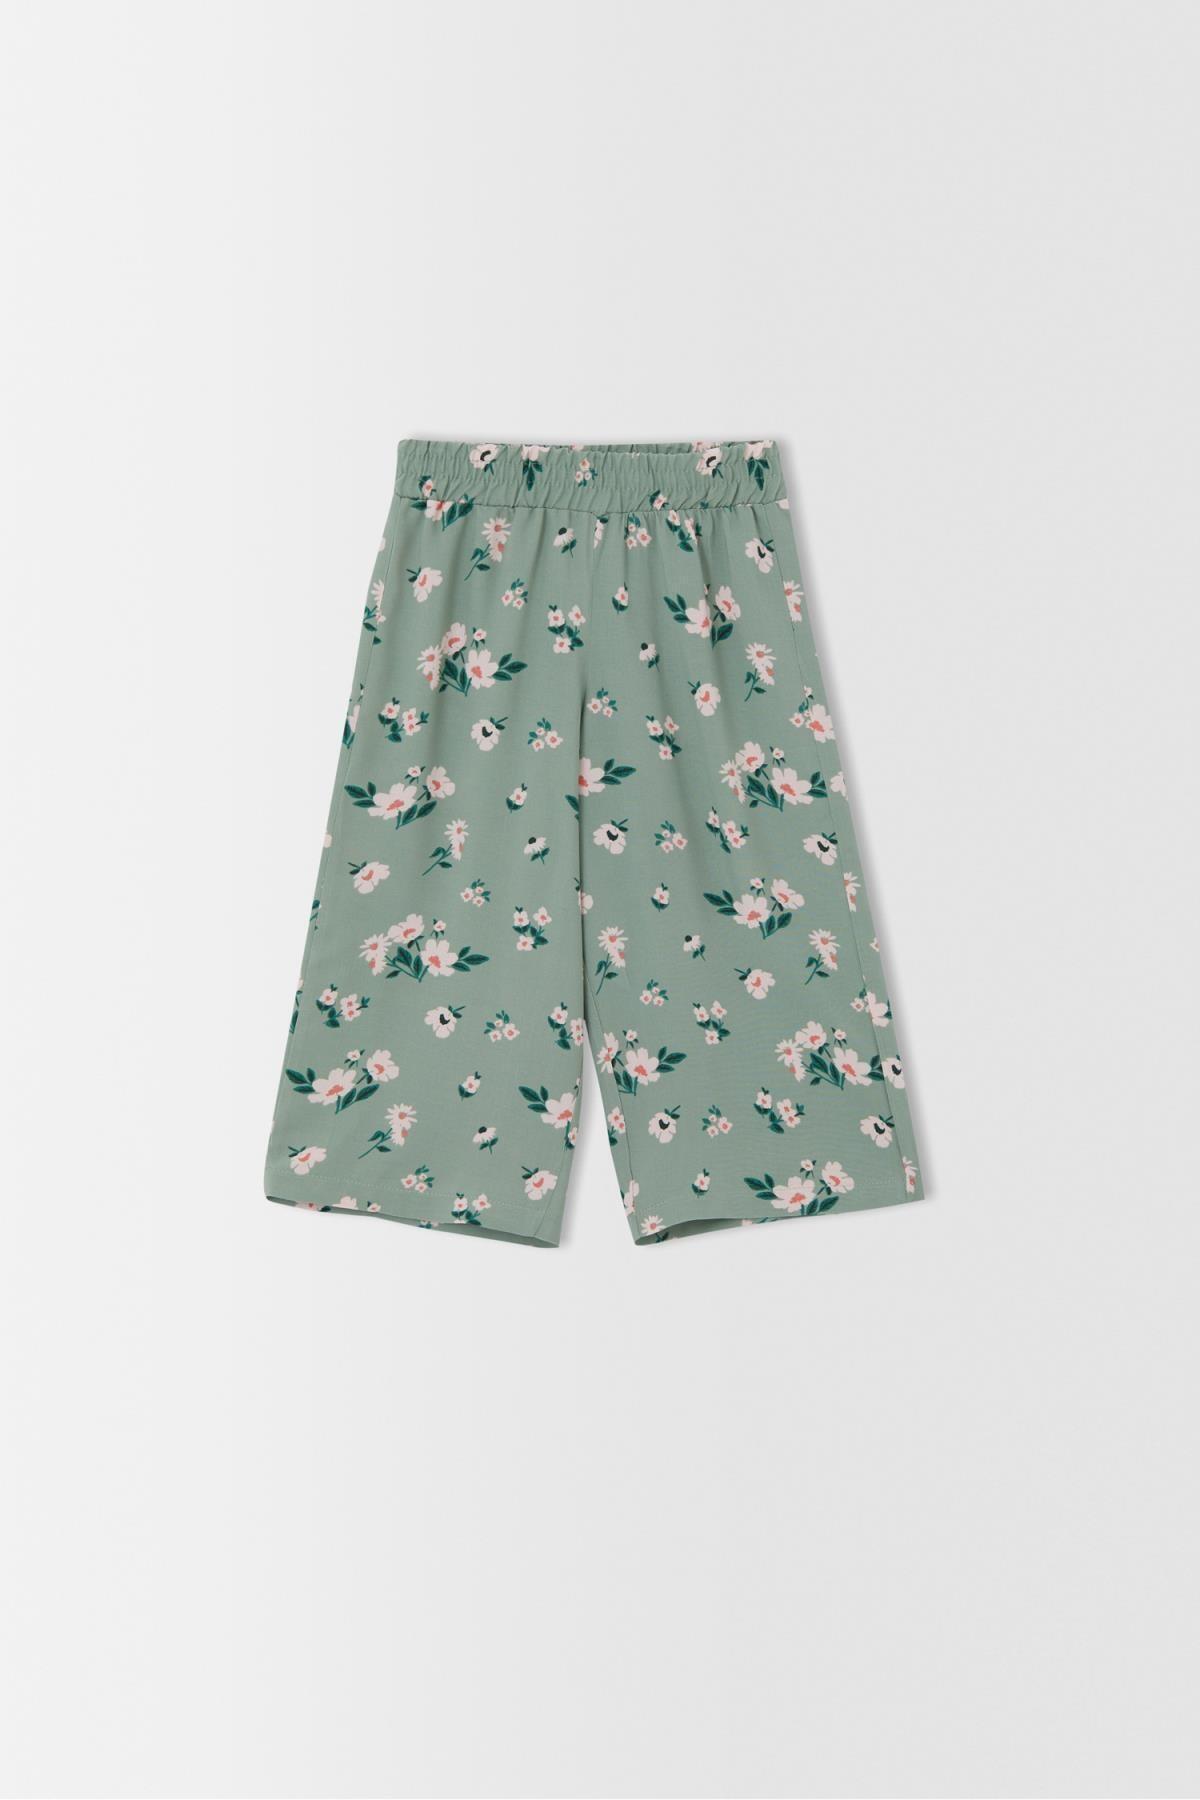 فروش شلوار دخترانه شیک و جدید برند دفاکتو ترکیه رنگ سبز کد ty113836524